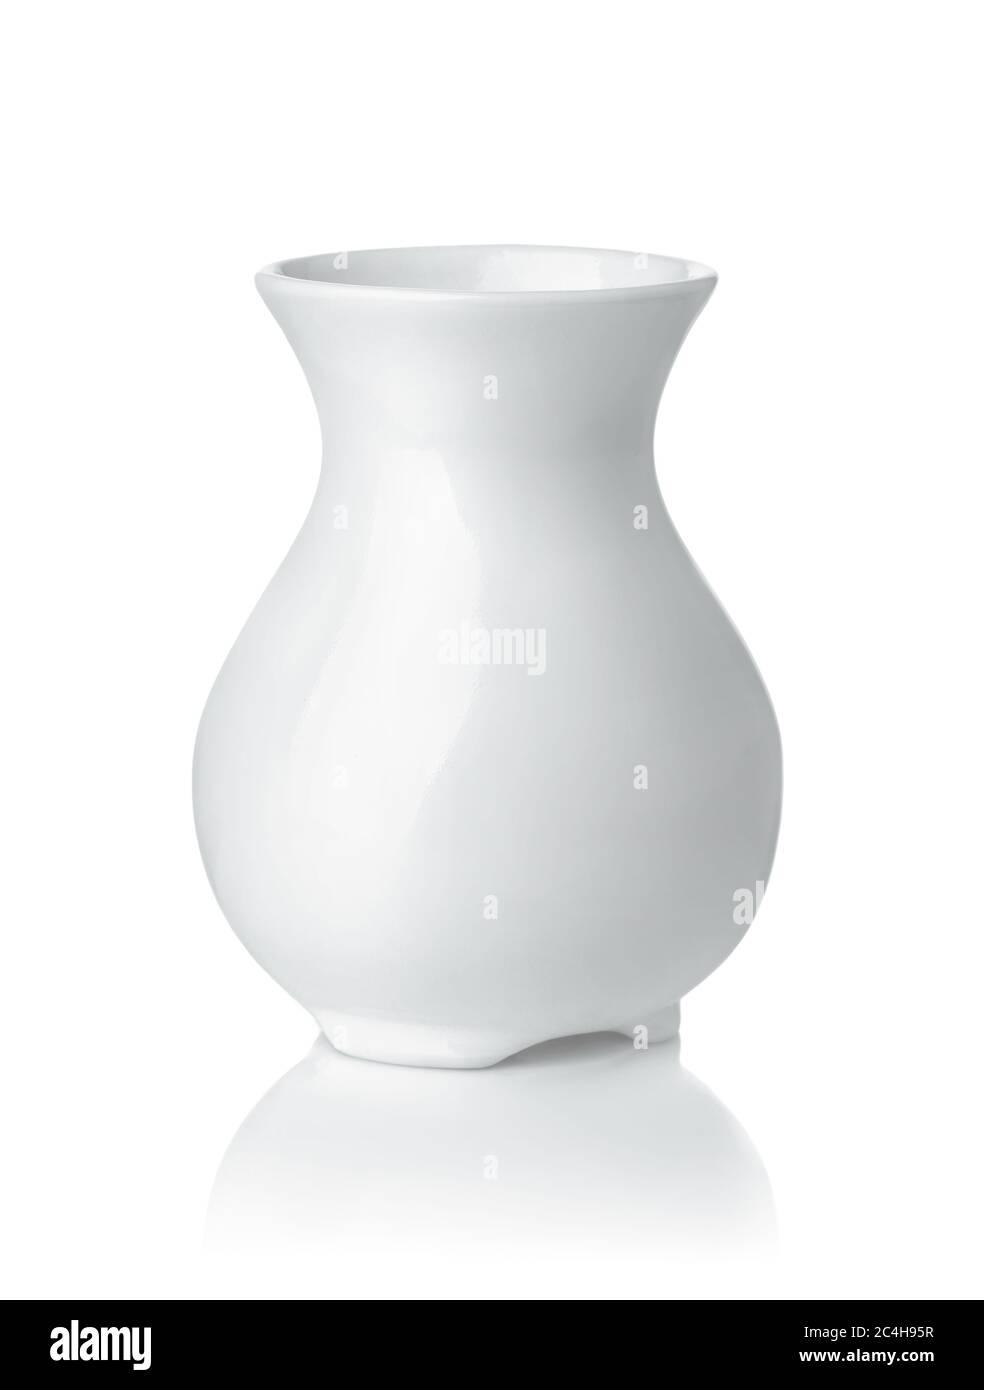 Vue avant du vase en céramique blanc isolé sur blanc Banque D'Images